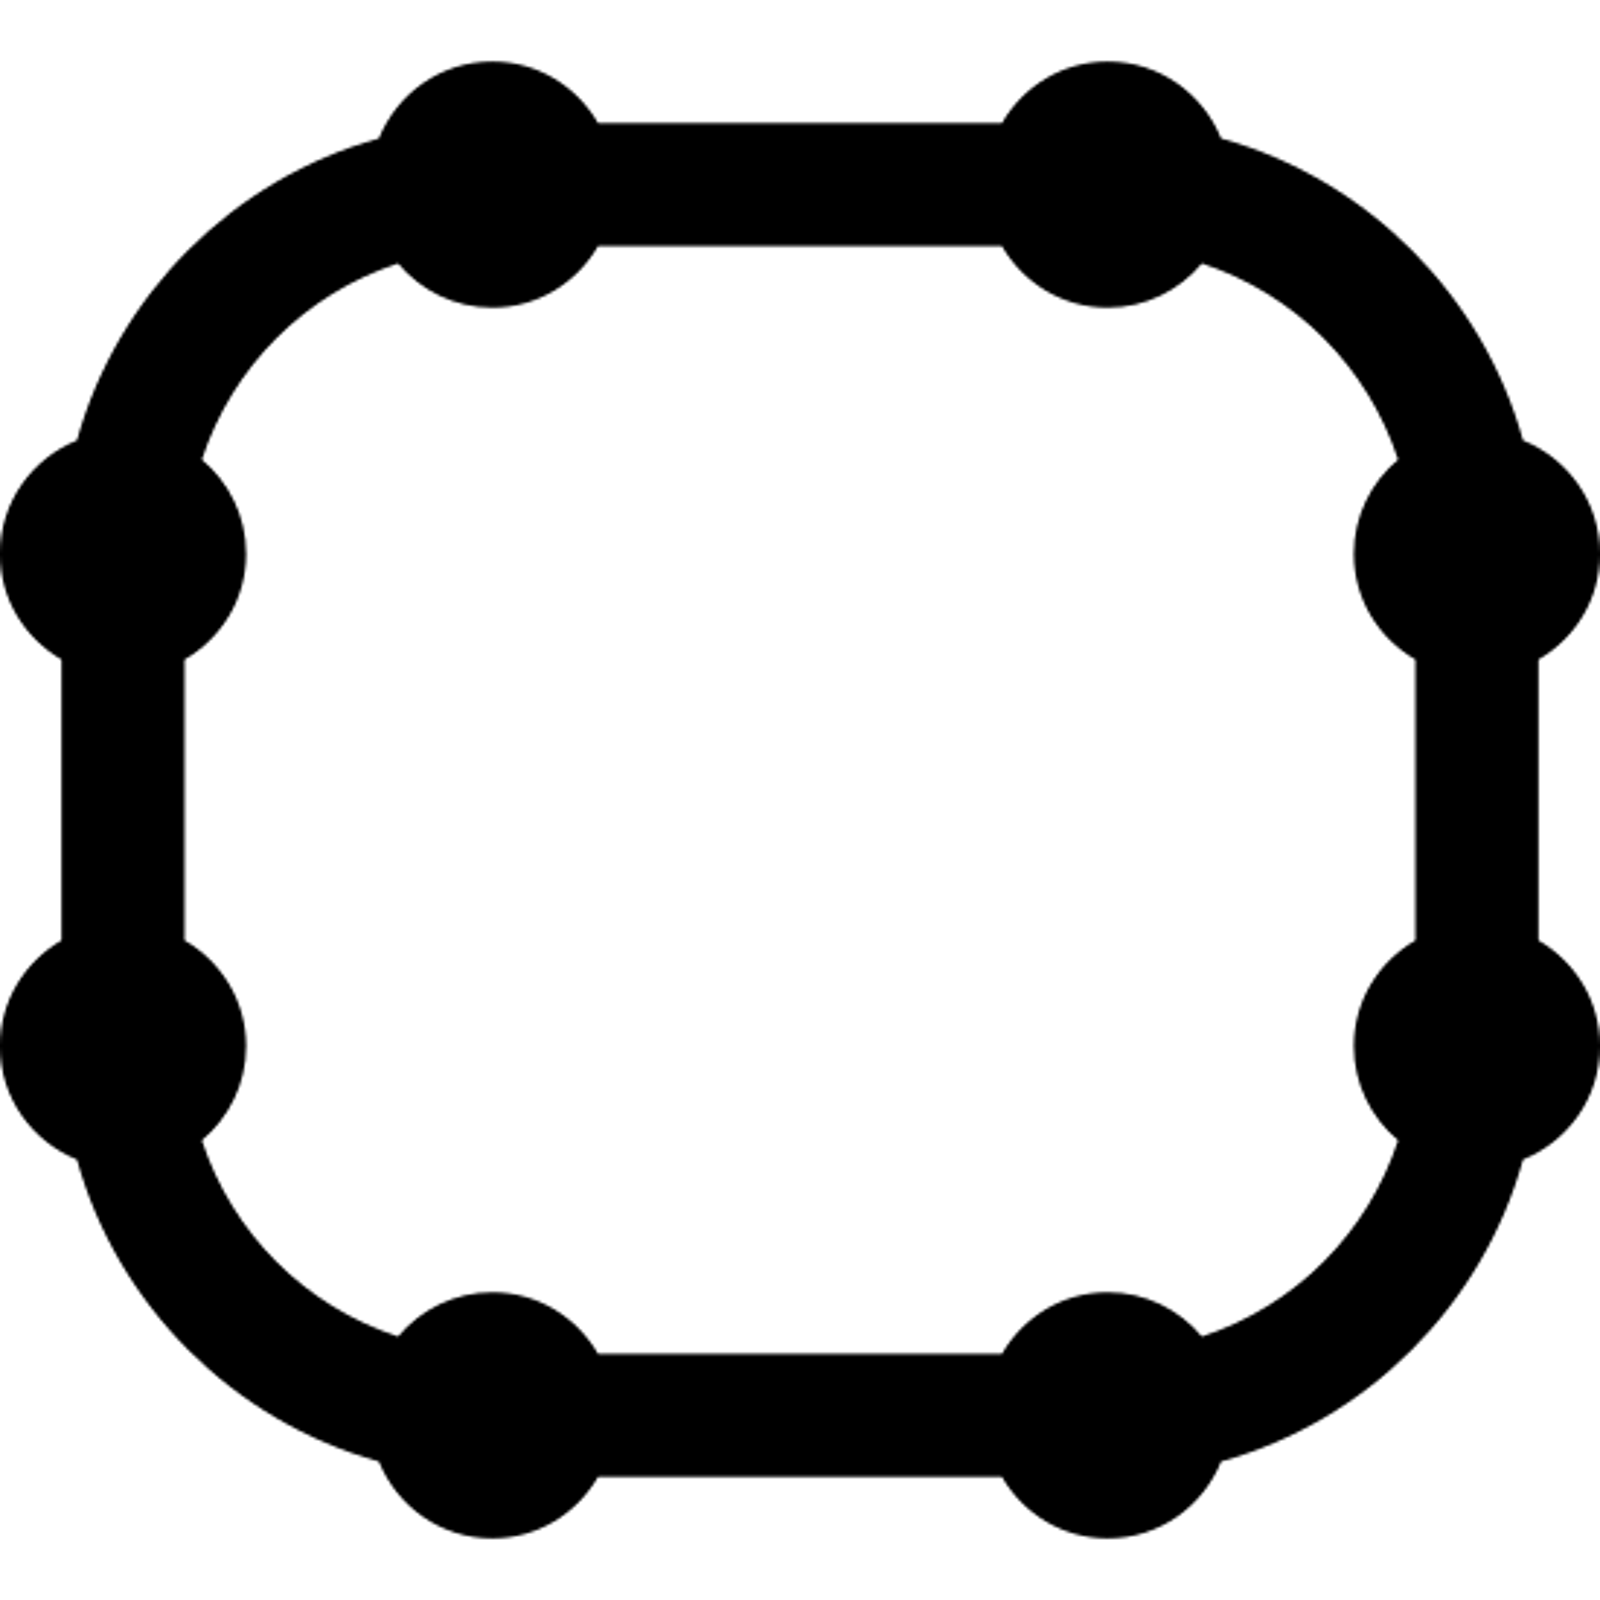 Prostokąt zaokrąglony obrysowane icon